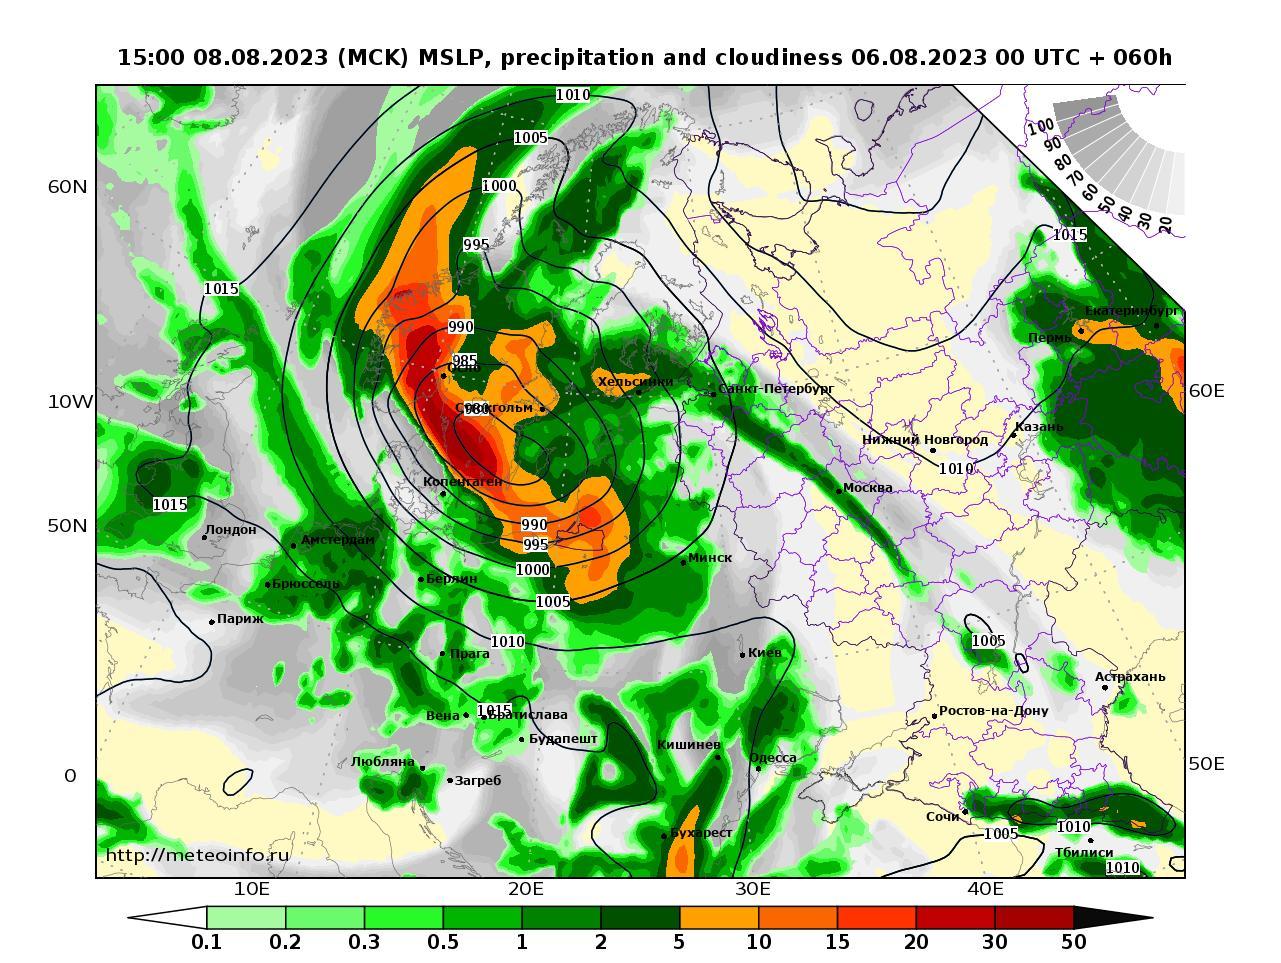 Европейская территория России, прогностическая карта осадки и давление, заблаговременность прогноза 60 часов